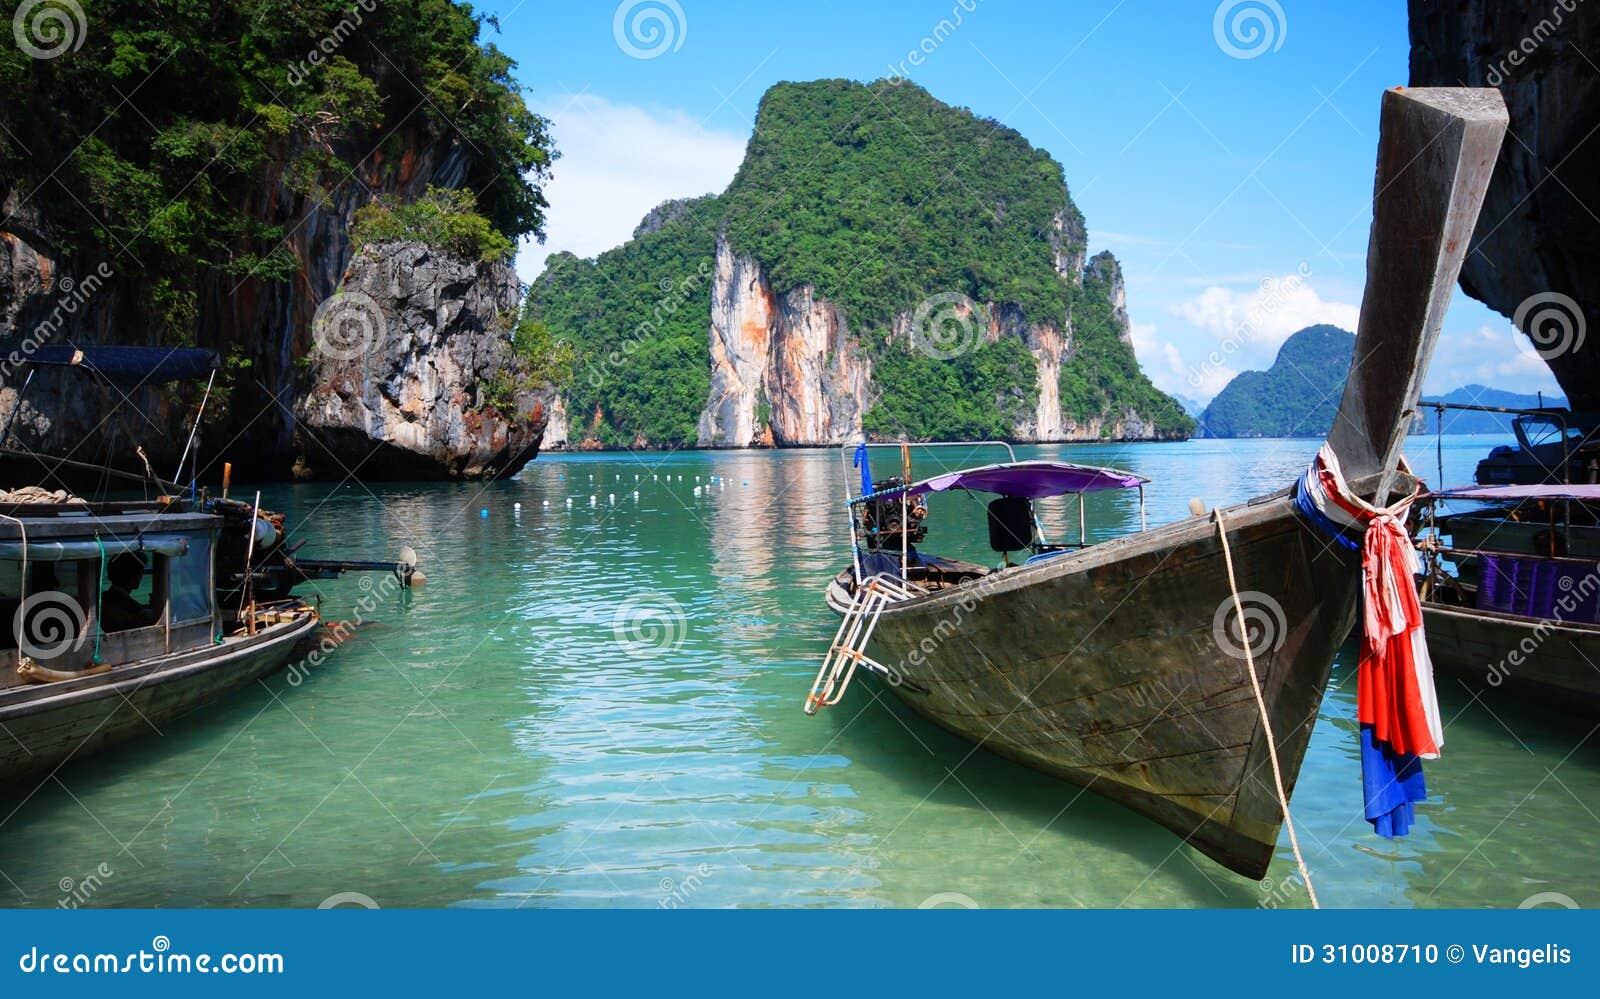 Longtailboten in Thailand